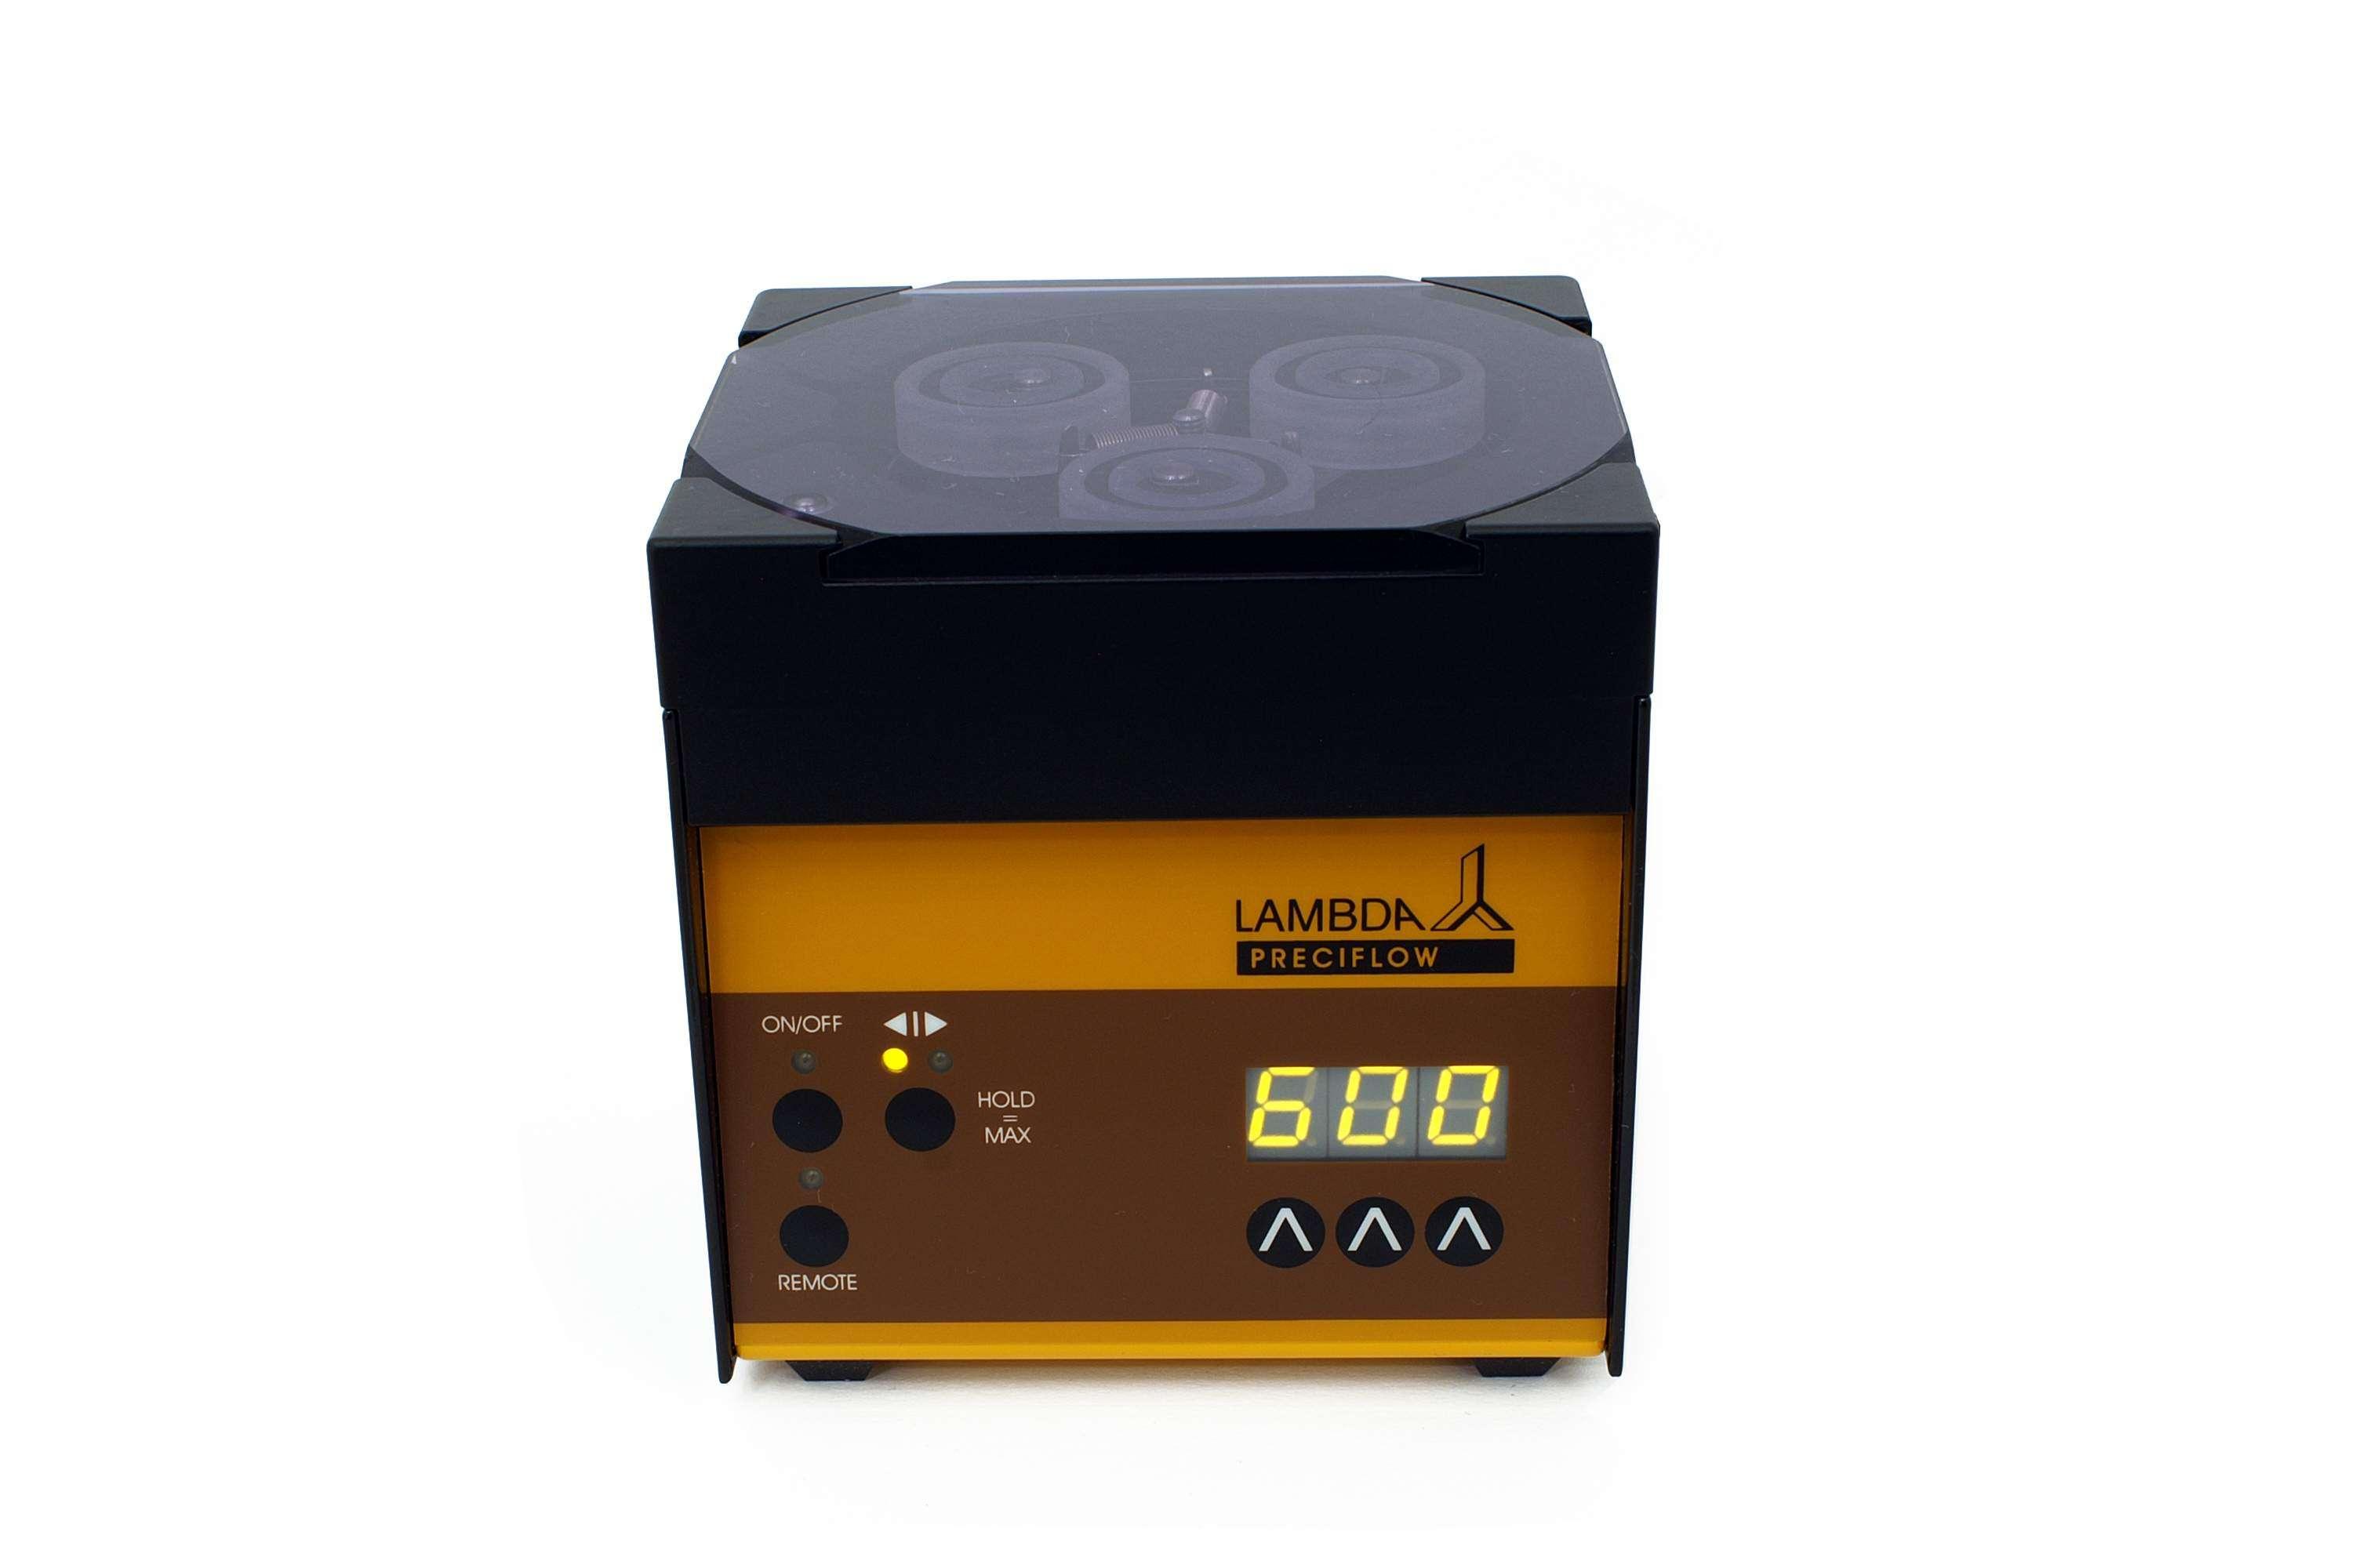 Buy PRECIFLOW peristaltic pump